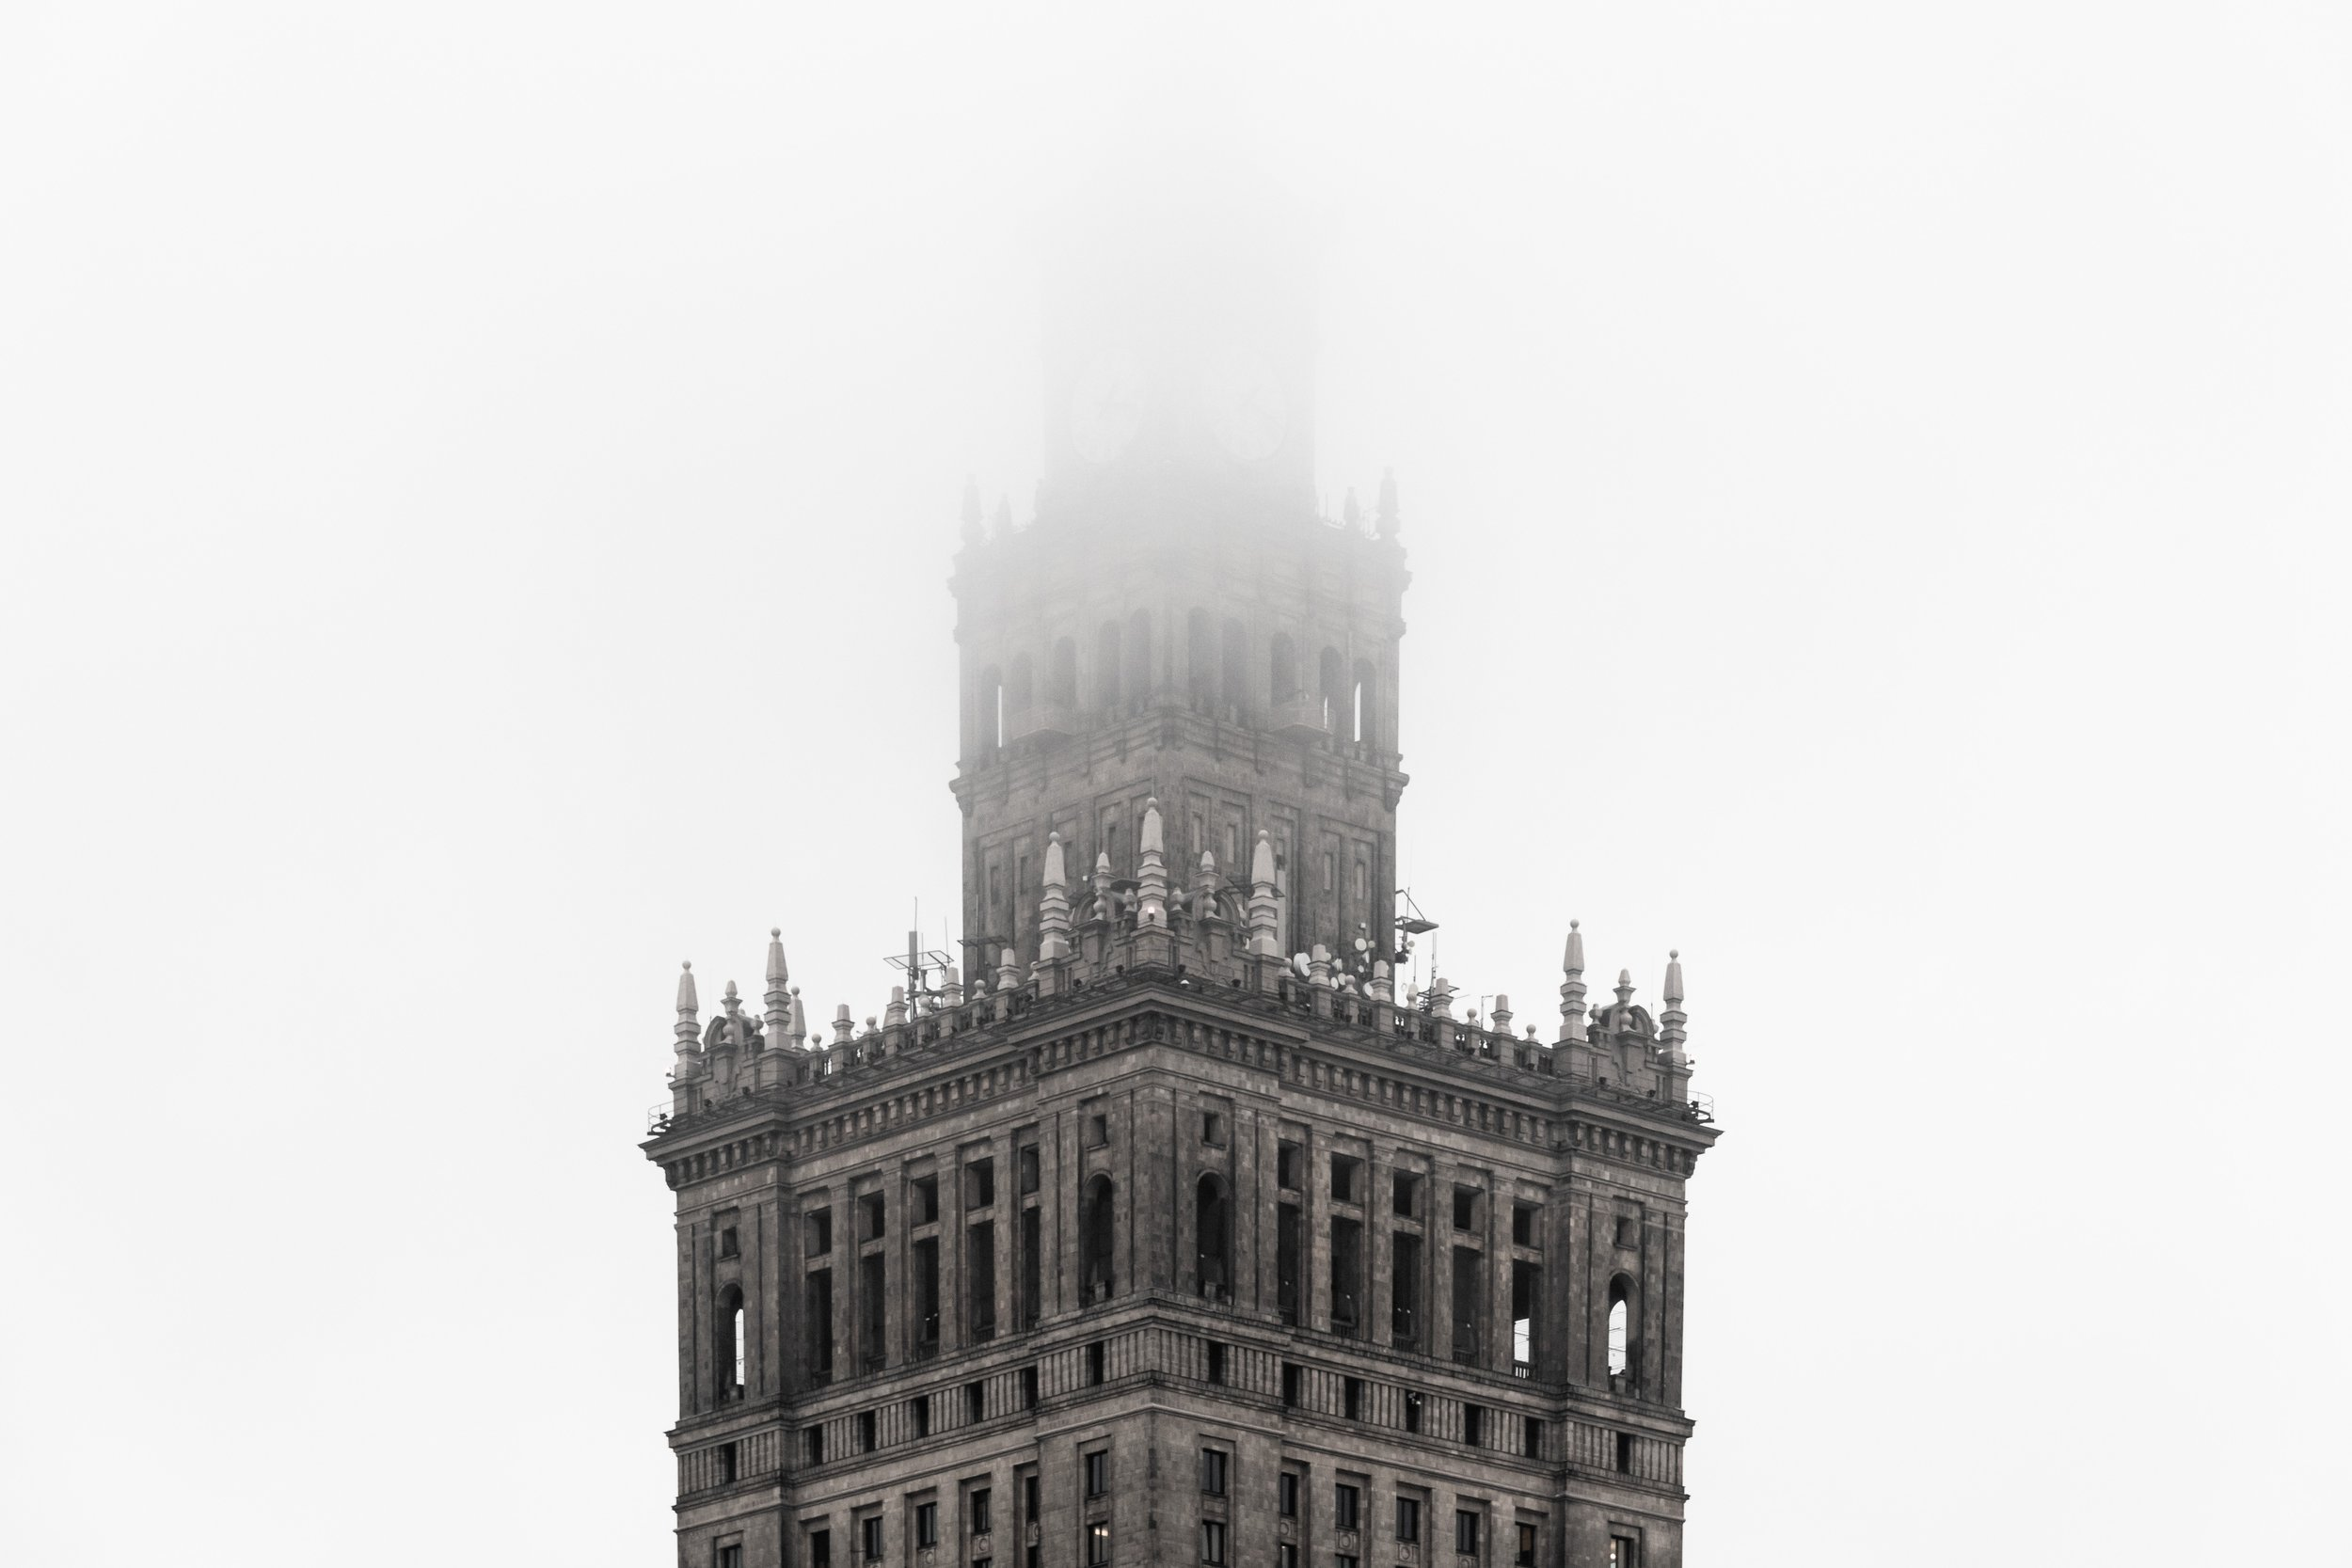 Image: Pawel Czerwinski